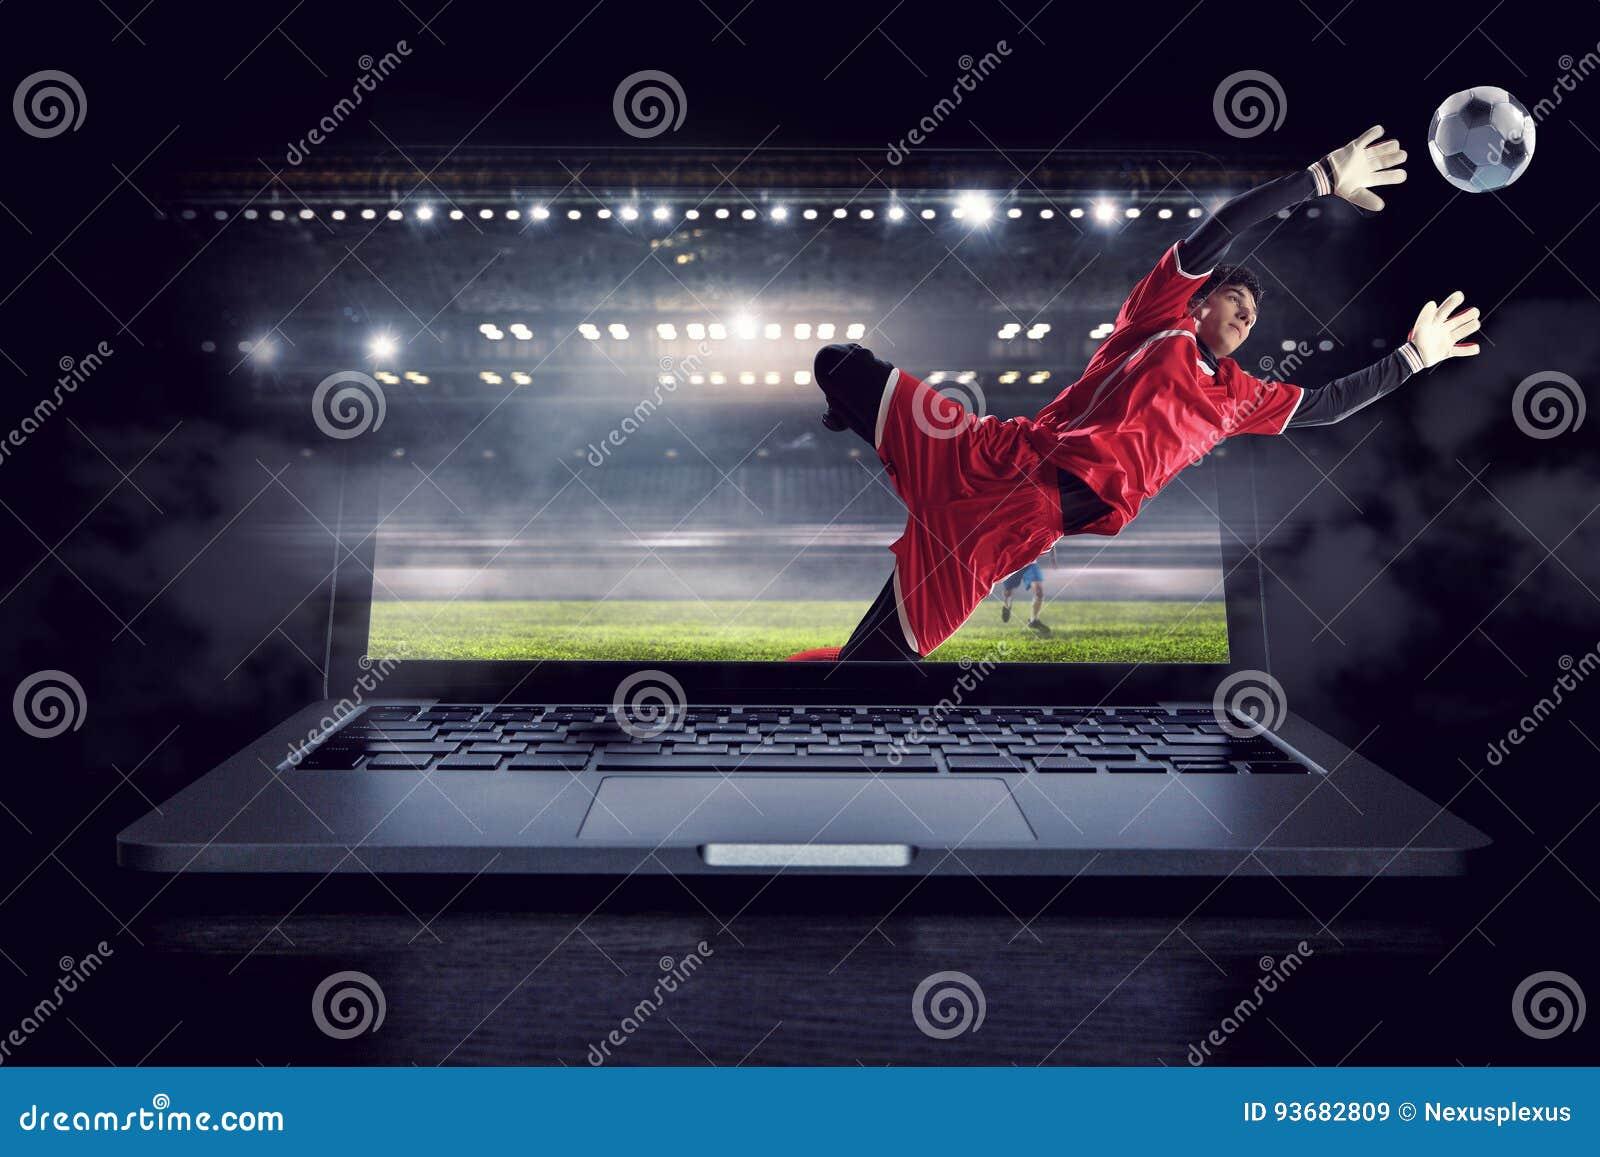 行动的足球守门员 混合画法